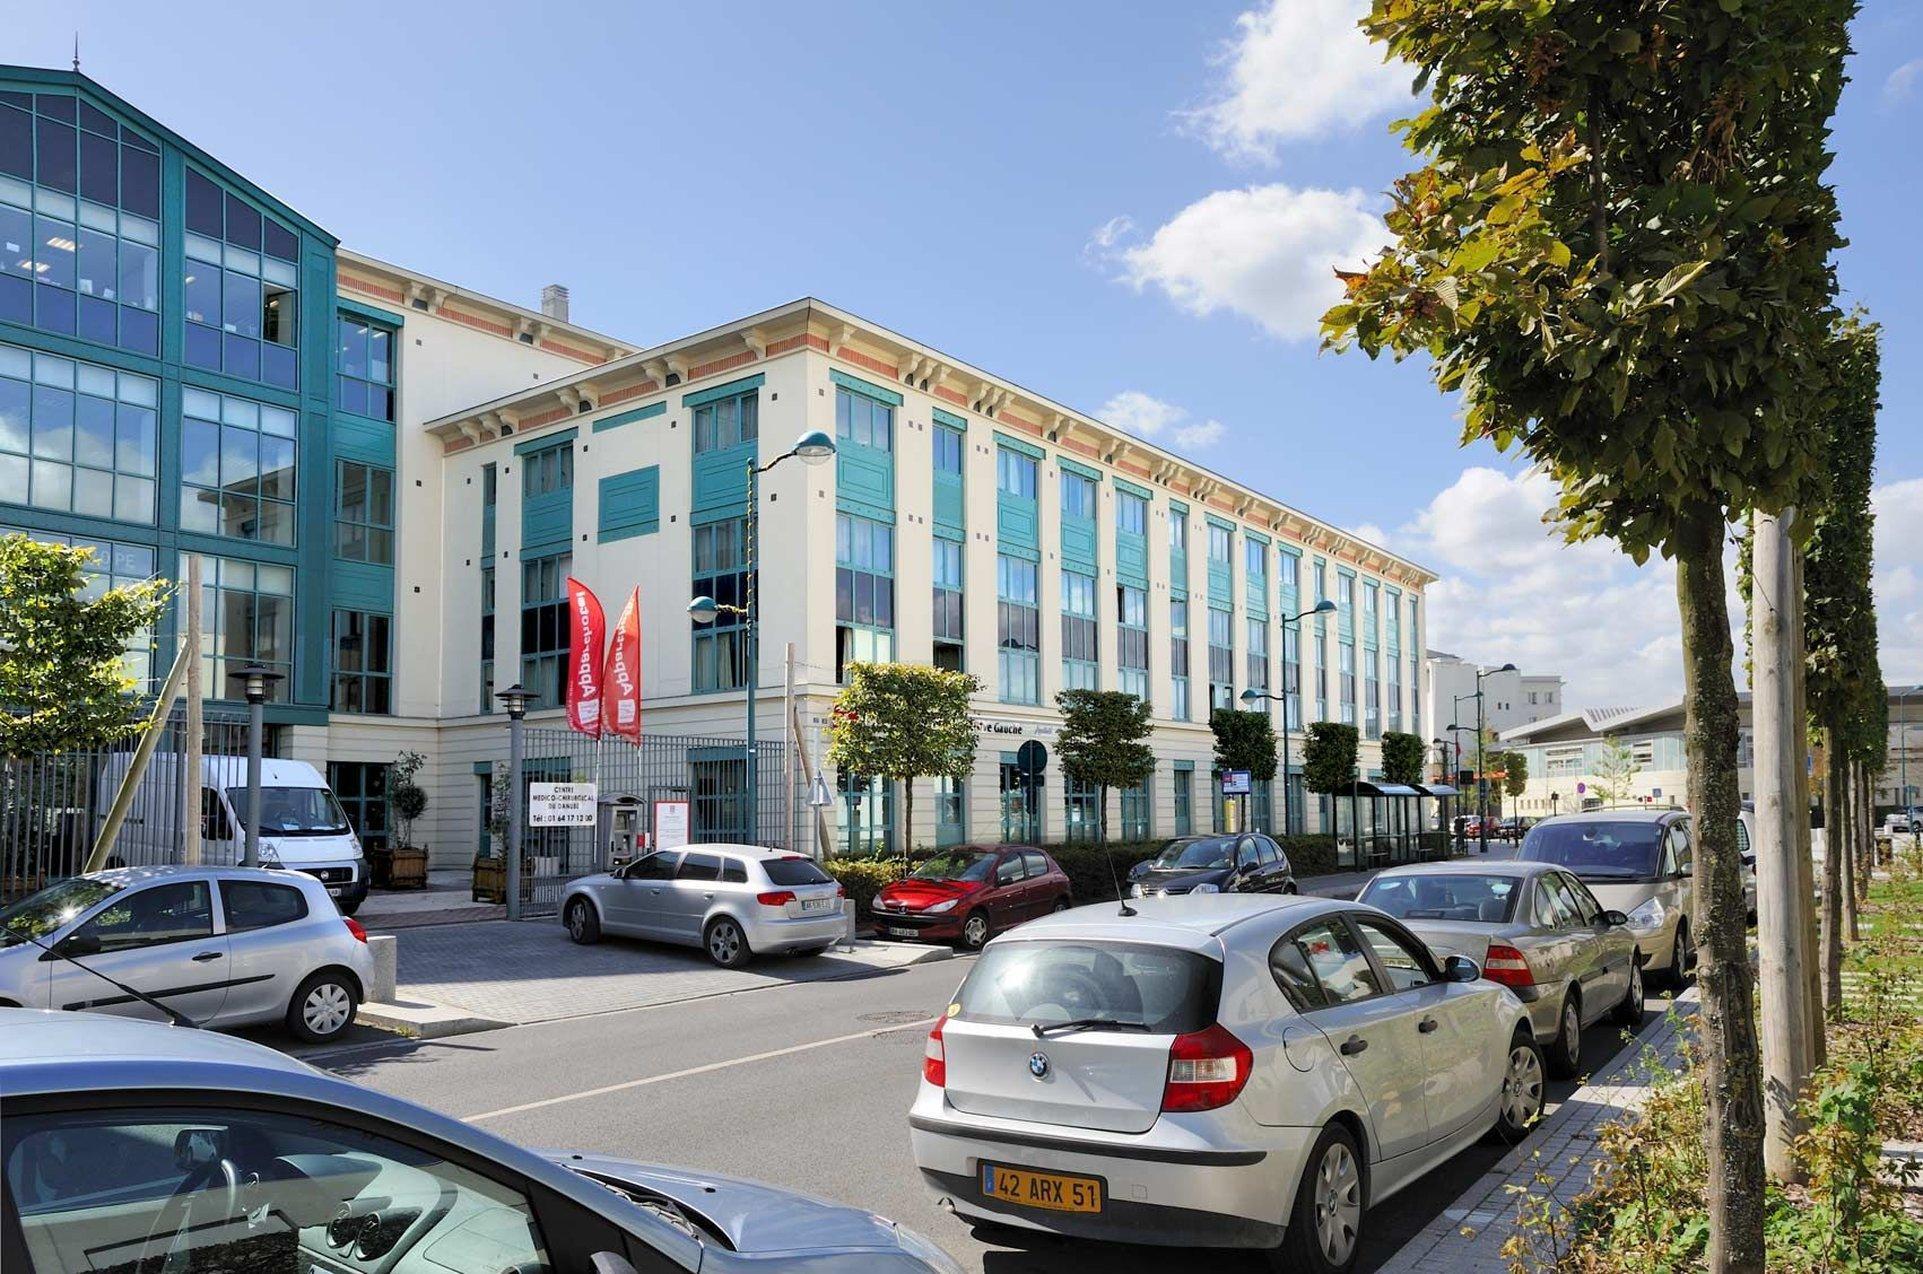 Sejours et Affaires Rive Gauche Aparthotel, Seine-et-Marne